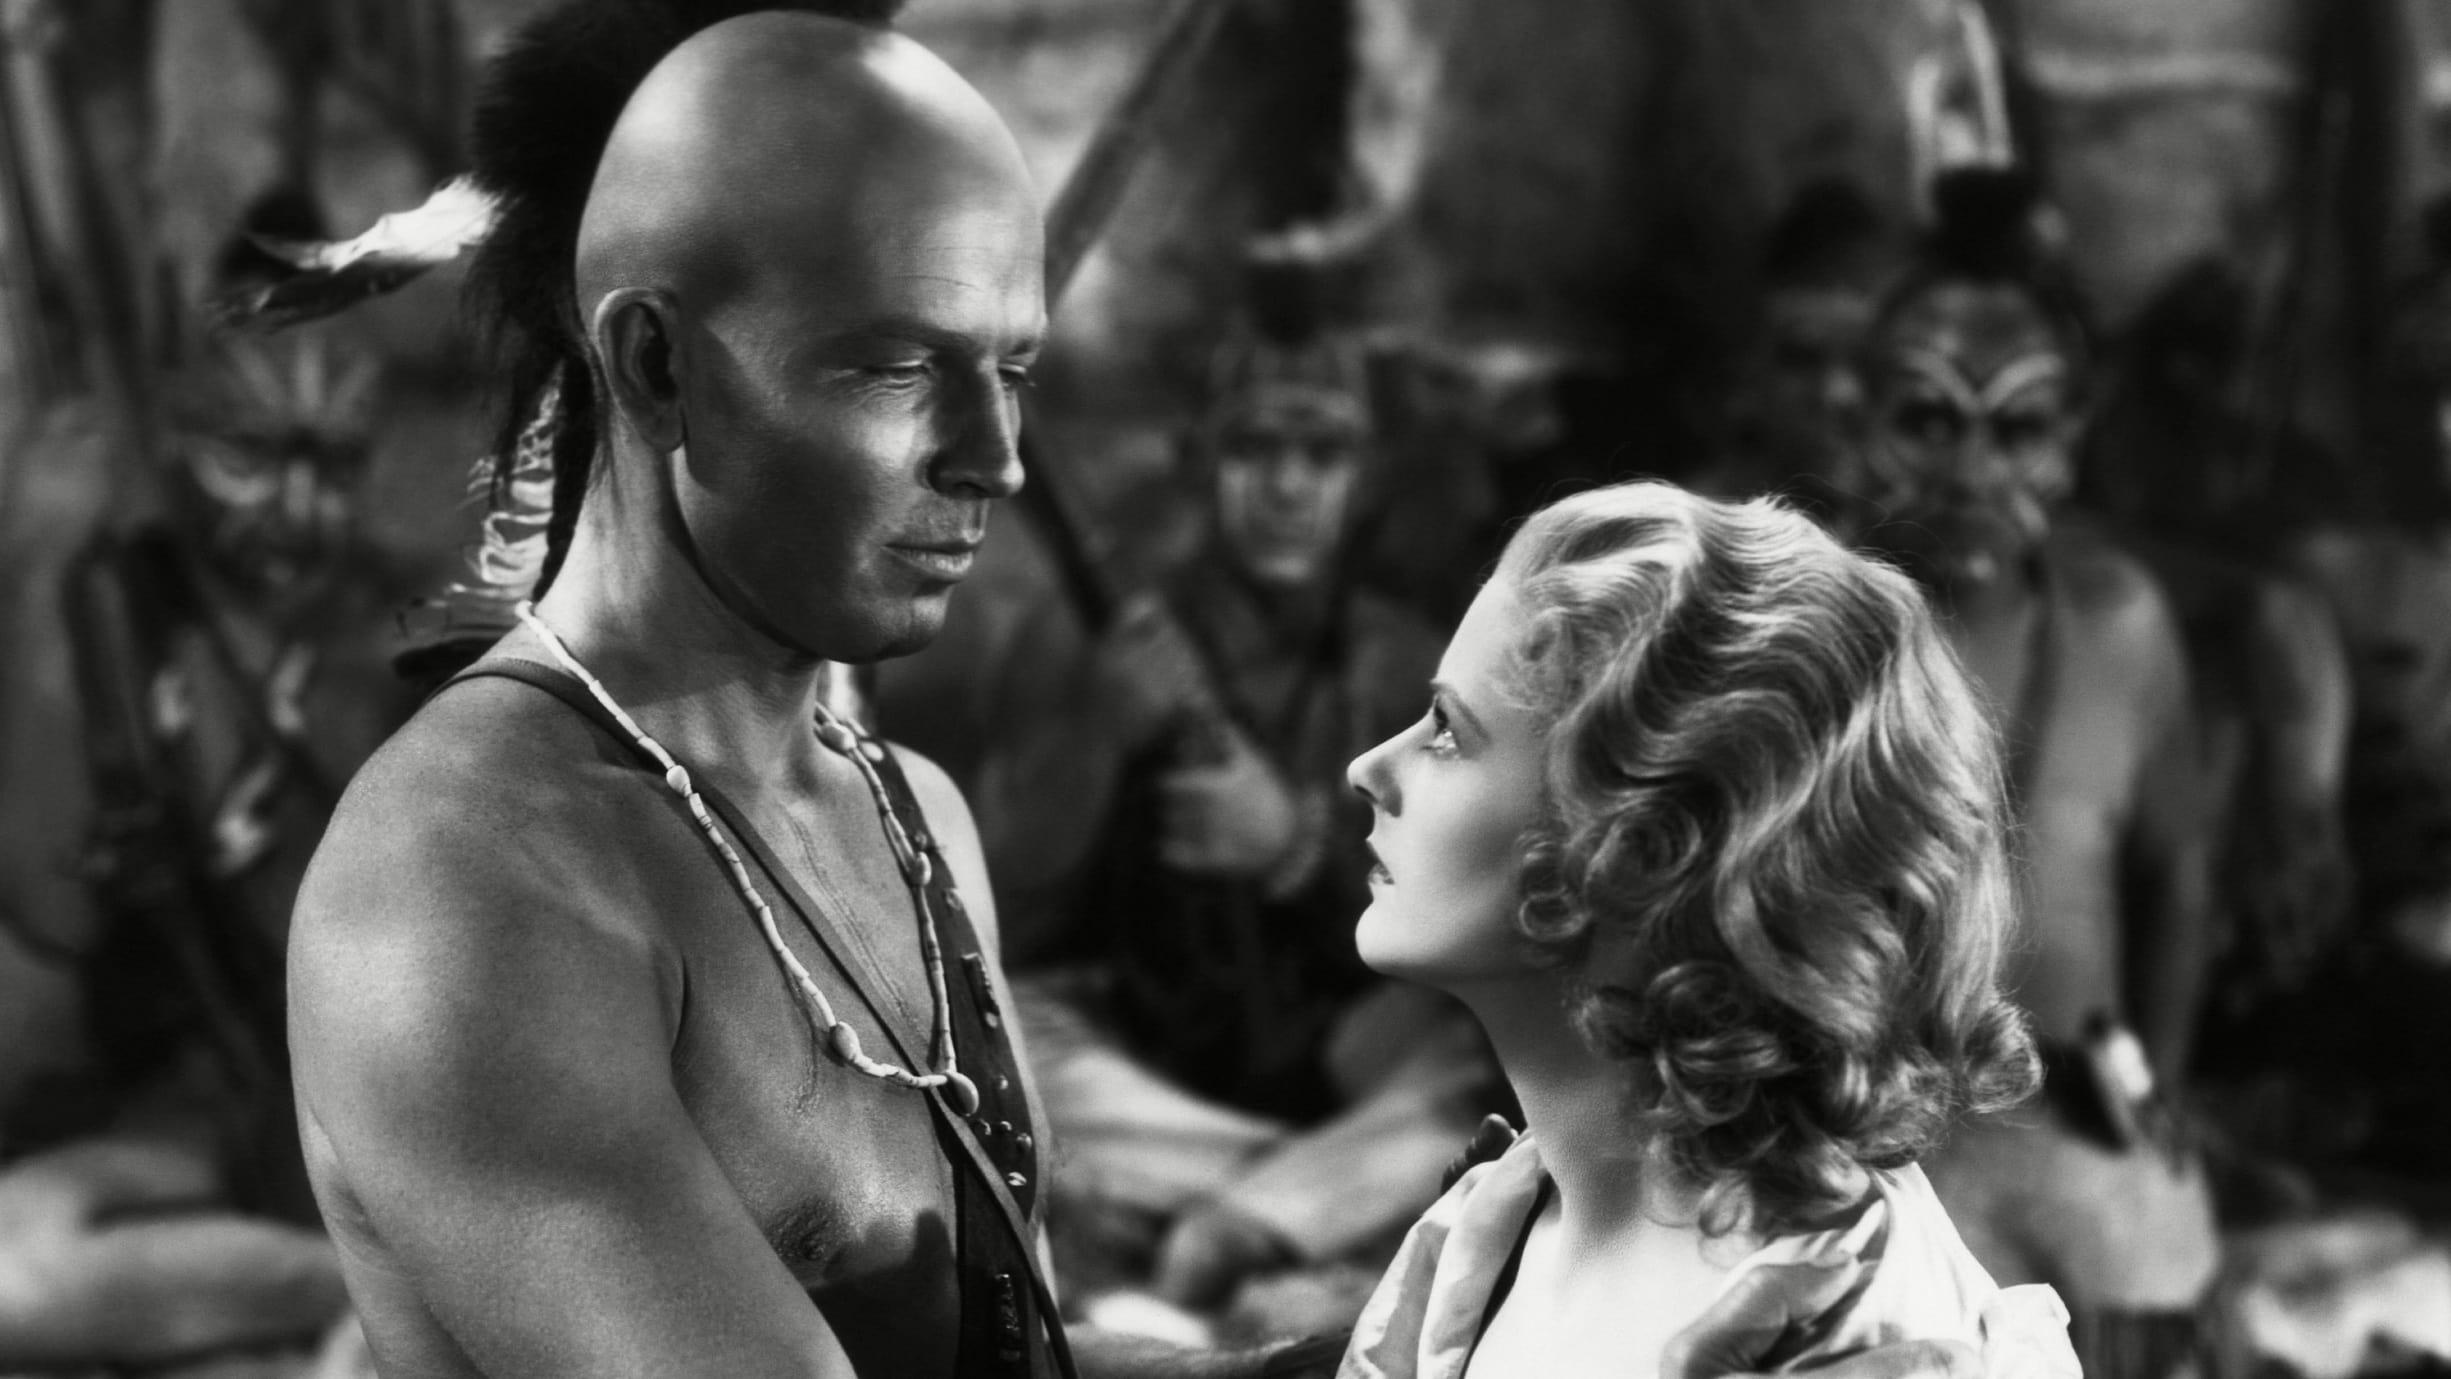 Le dernier des Mohicans (1936)